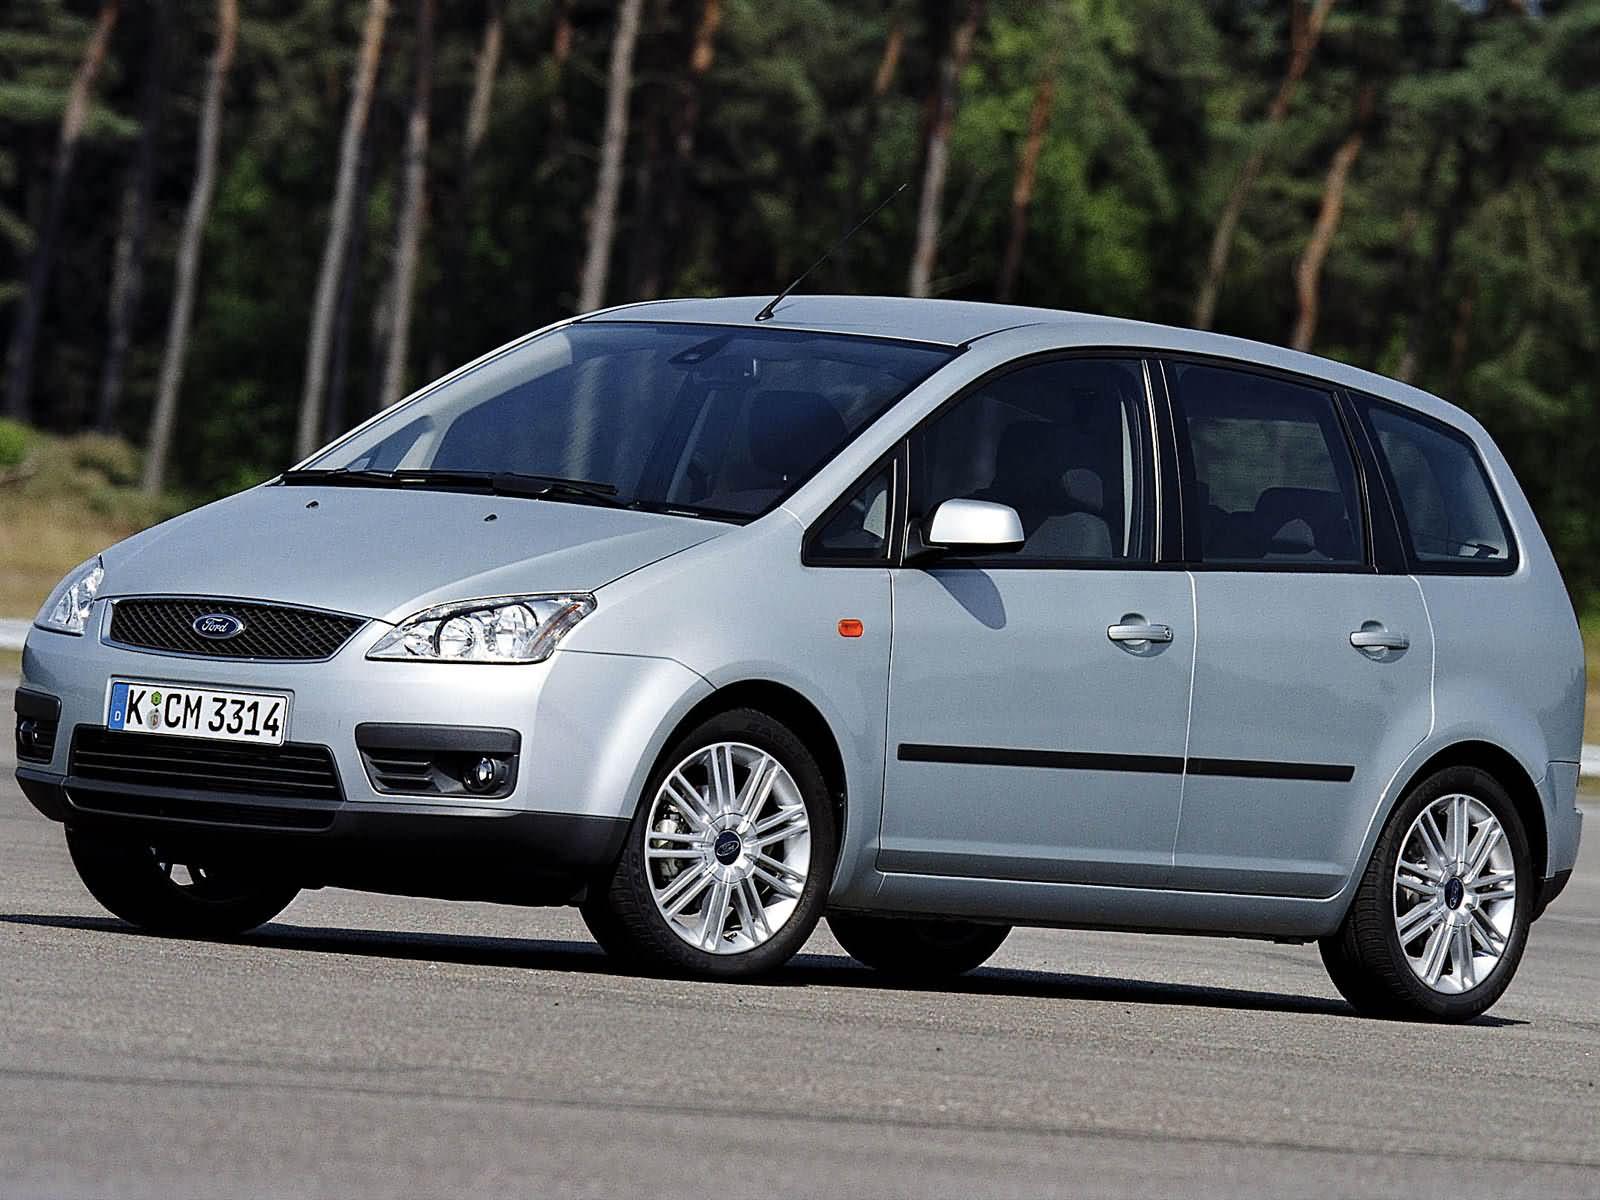 2017 Ford® C-MAX Hybrid & Plug-In Hybrid | Option to Plug ...